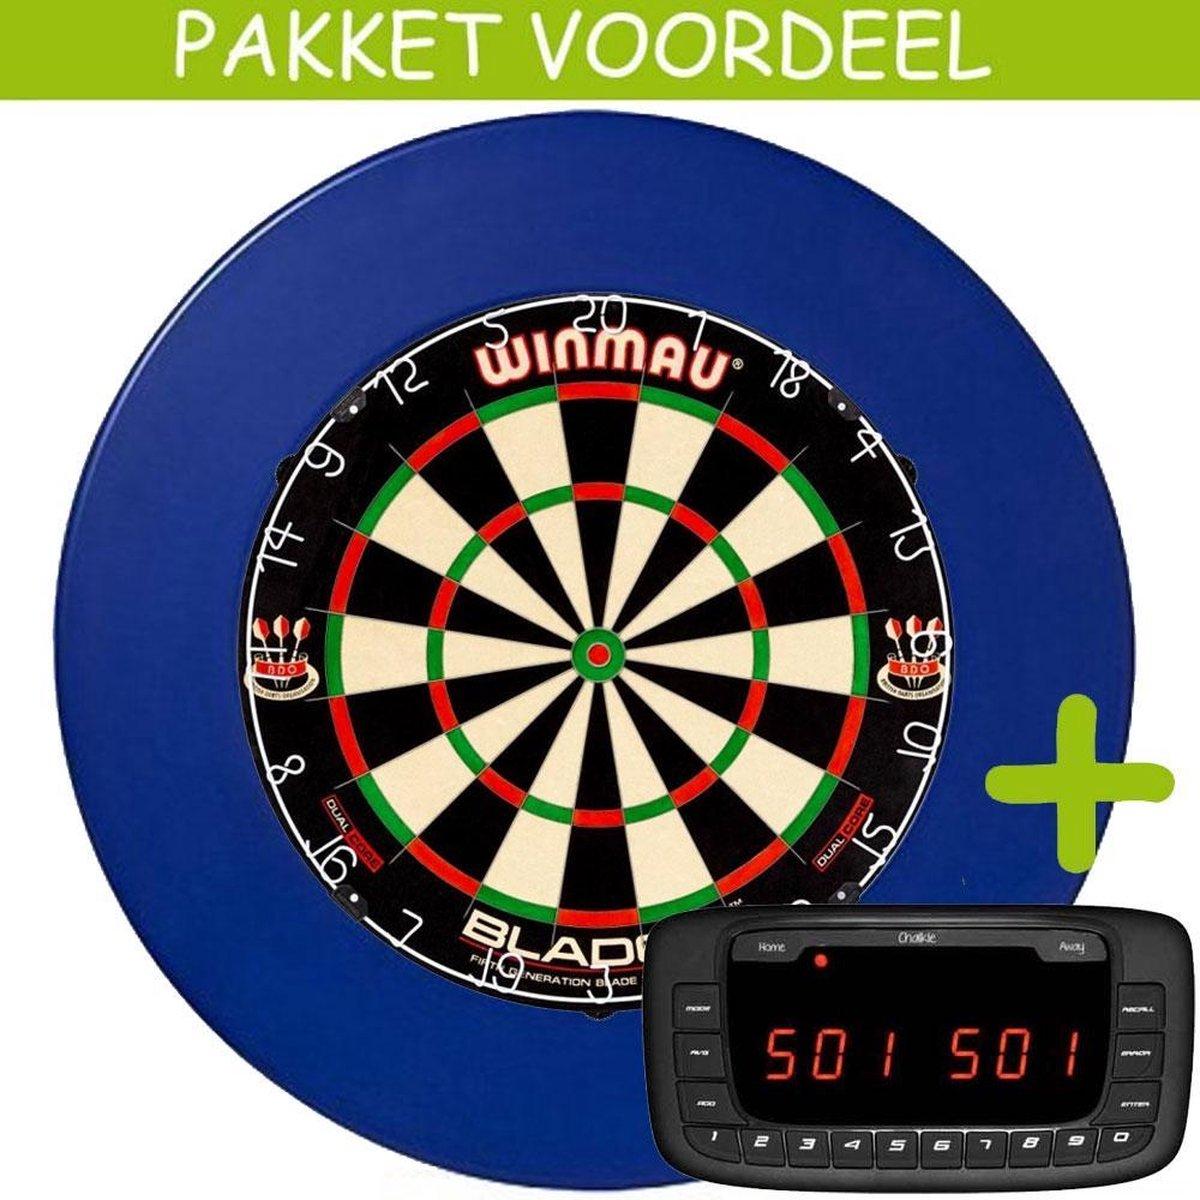 Elektronisch Dart Scorebord VoordeelPakket (Chalkie ) - Dual Core - Rubberen Surround (Blauw)